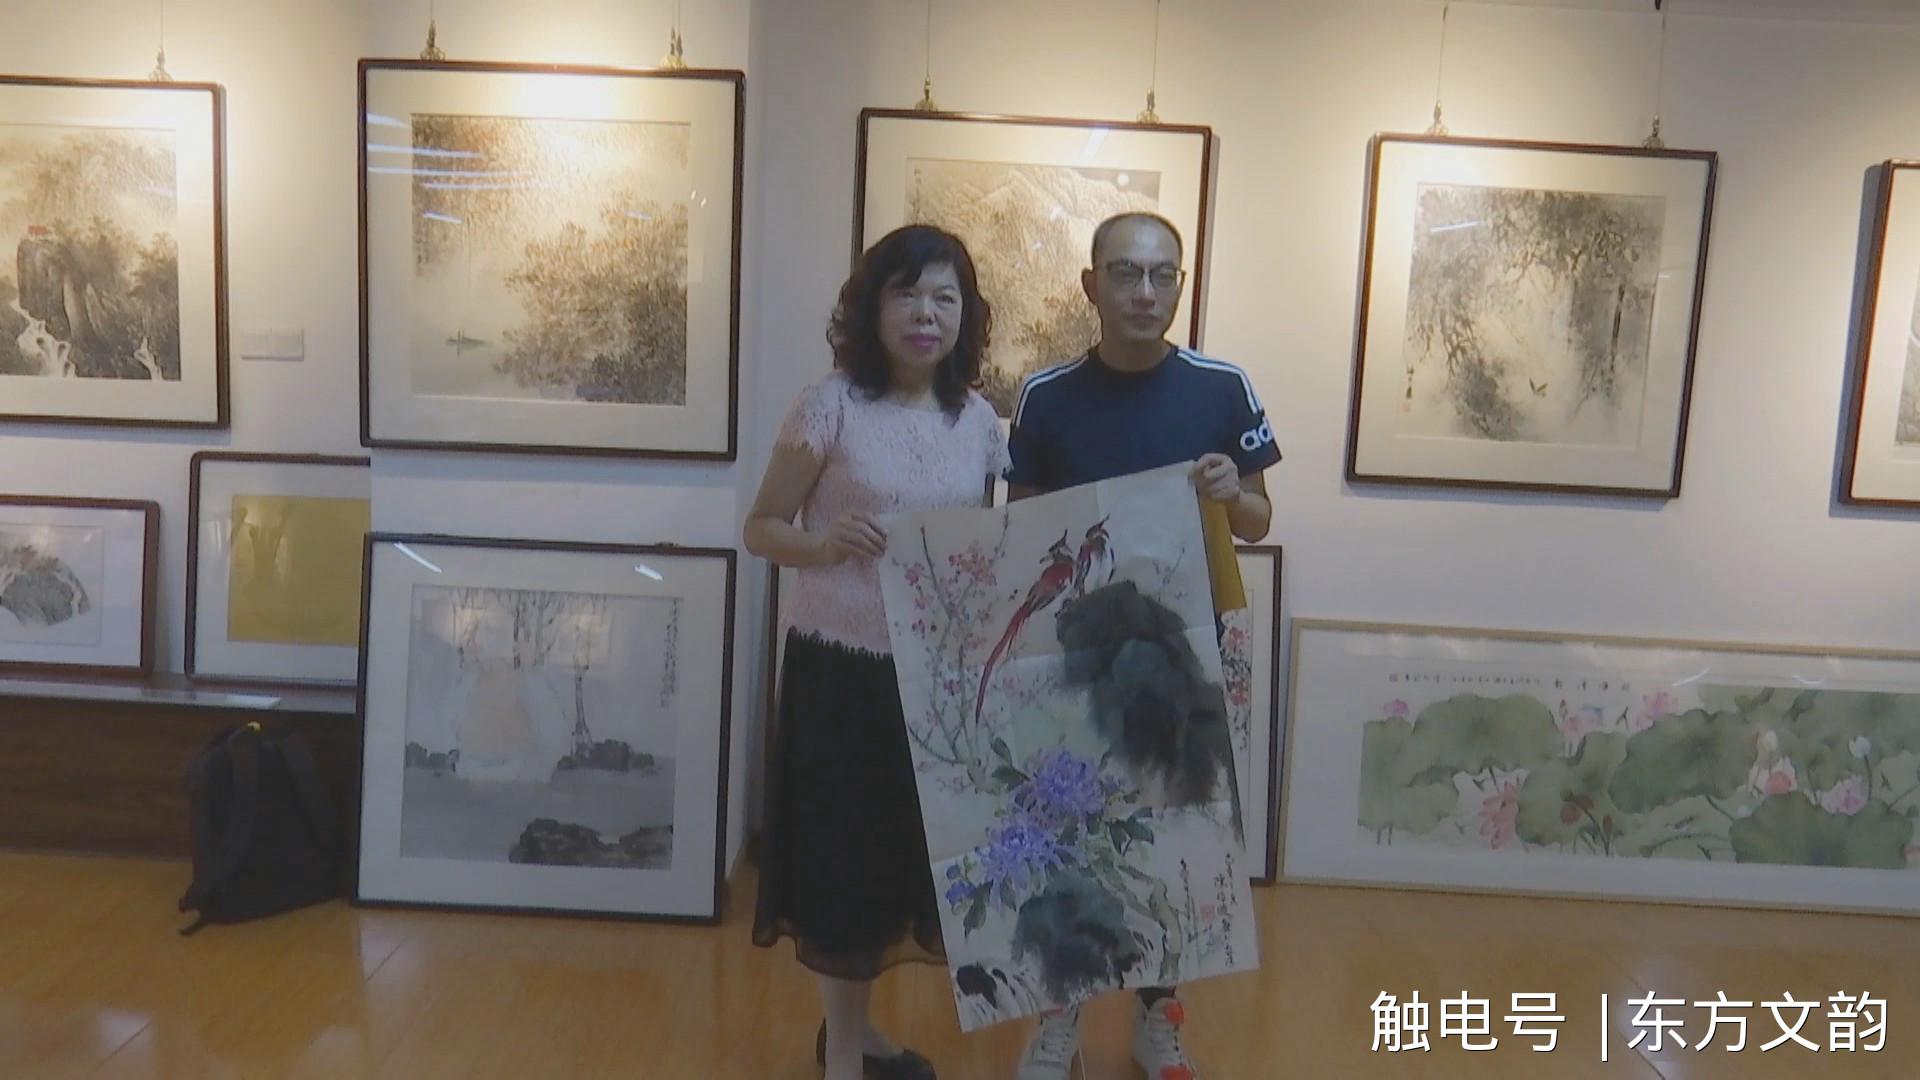 台湾艺术家赠作品给铜陵新媒体人员